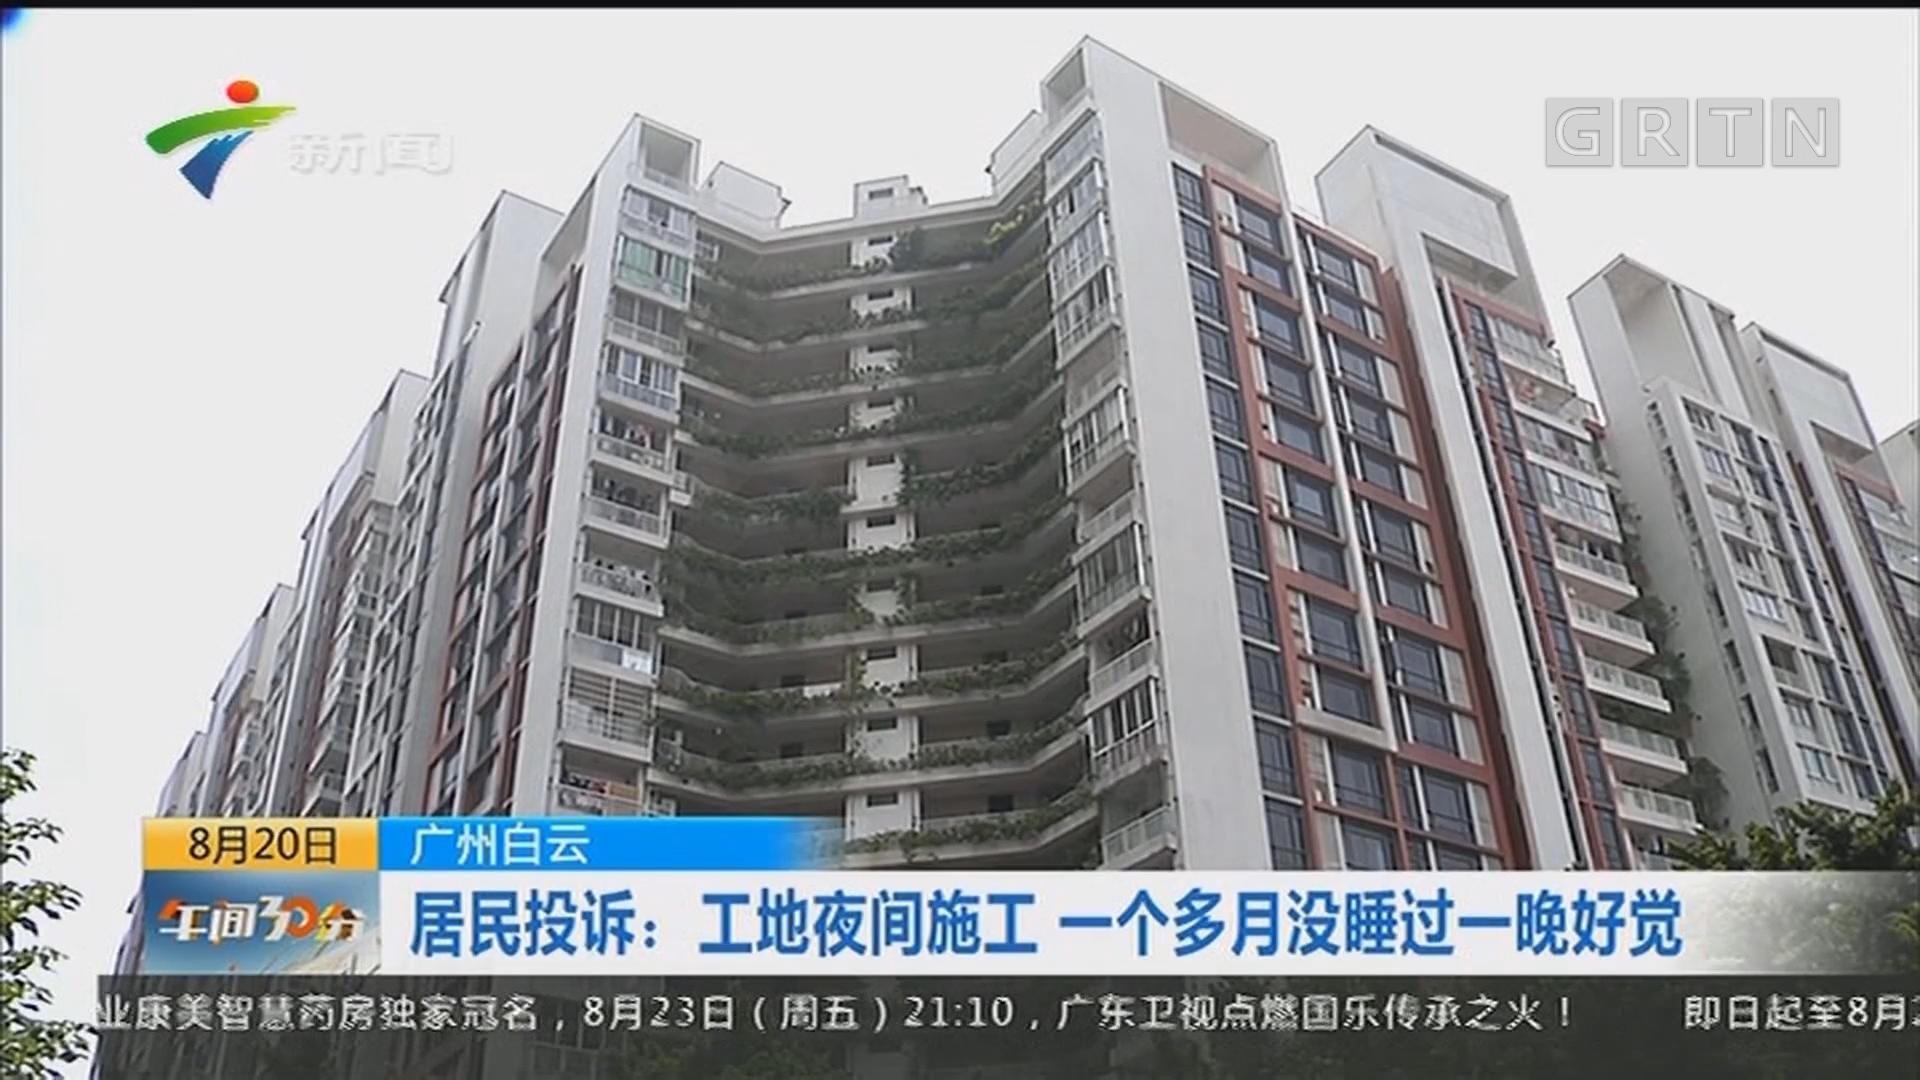 广州白云 居民投诉:工地夜间施工 一个多月没睡过一晚好觉